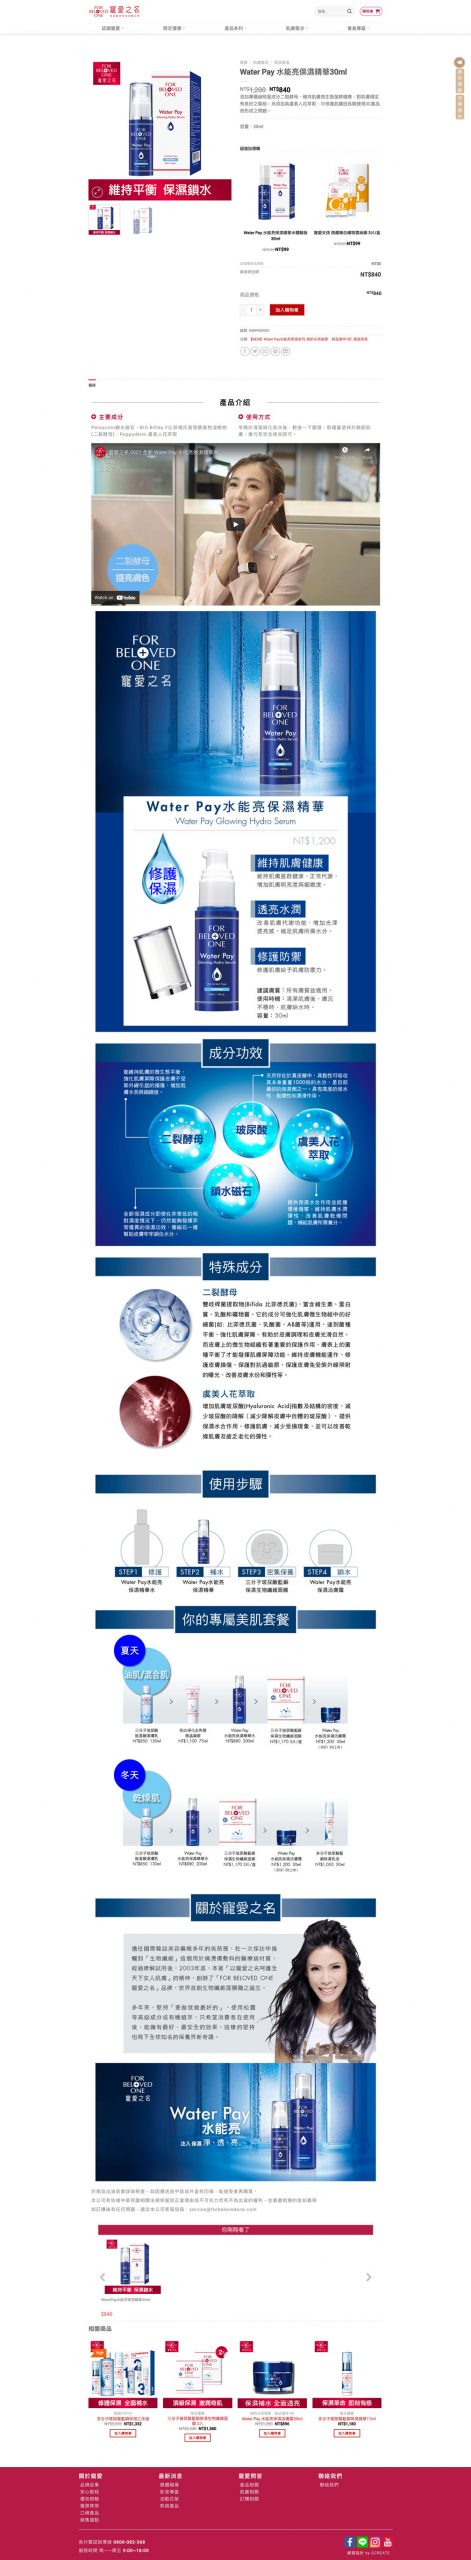 購物車網站設計_商品說明